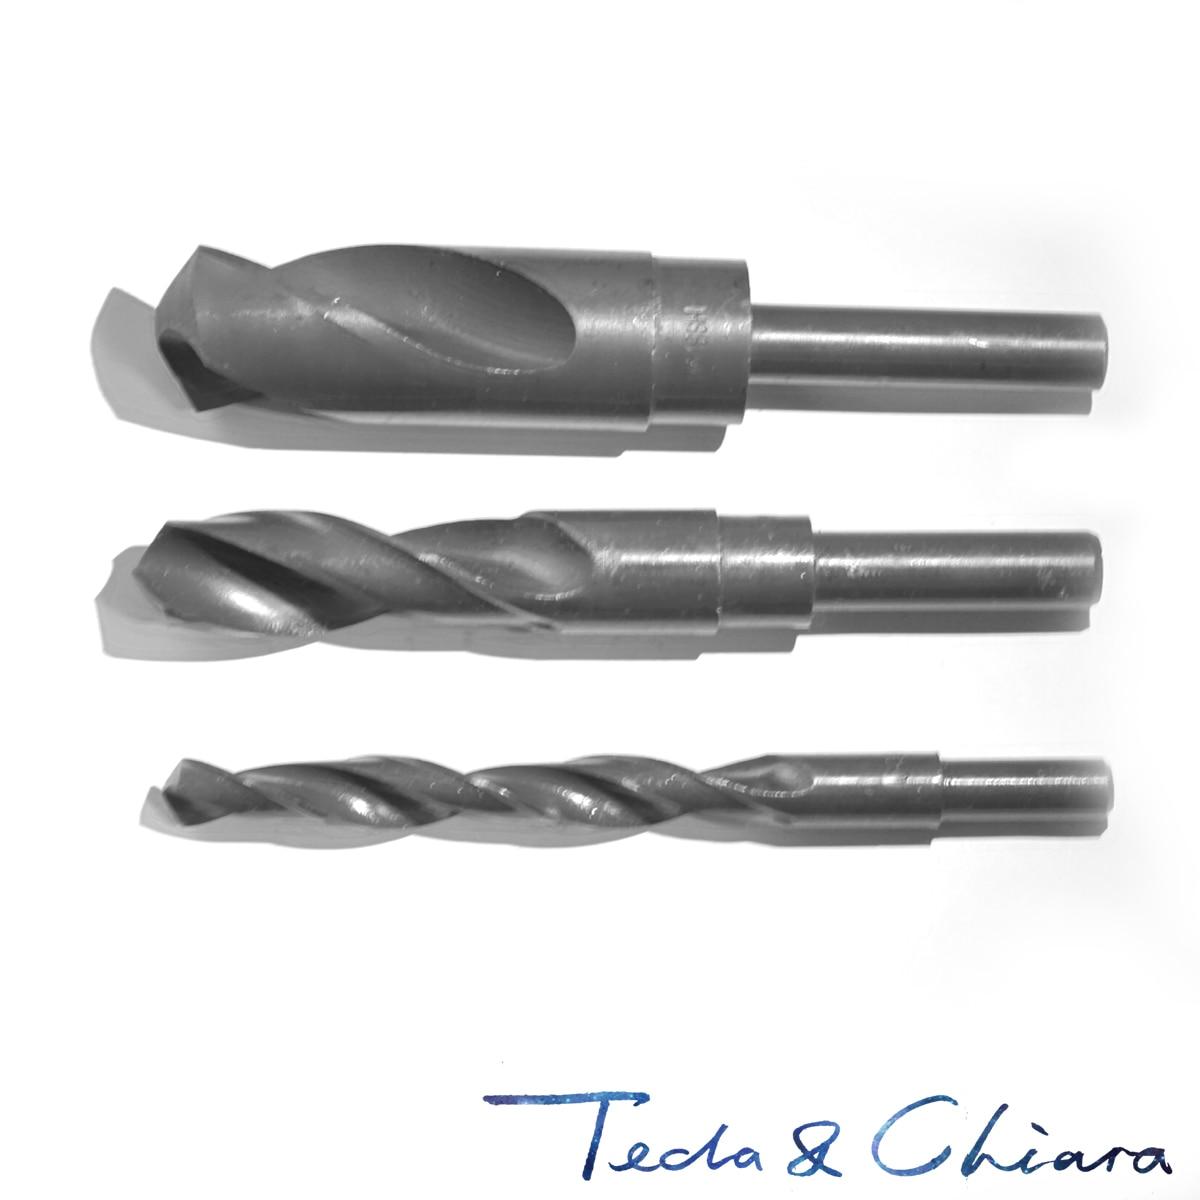 17.1mm 17.2mm 17.3mm 17.4mm 17.5mm HSS Reduced Straight Crank Twist Drill Bit Shank Dia 12.7mm 1/2 Inch 17.1 17.2 17.3 17.4 17.5